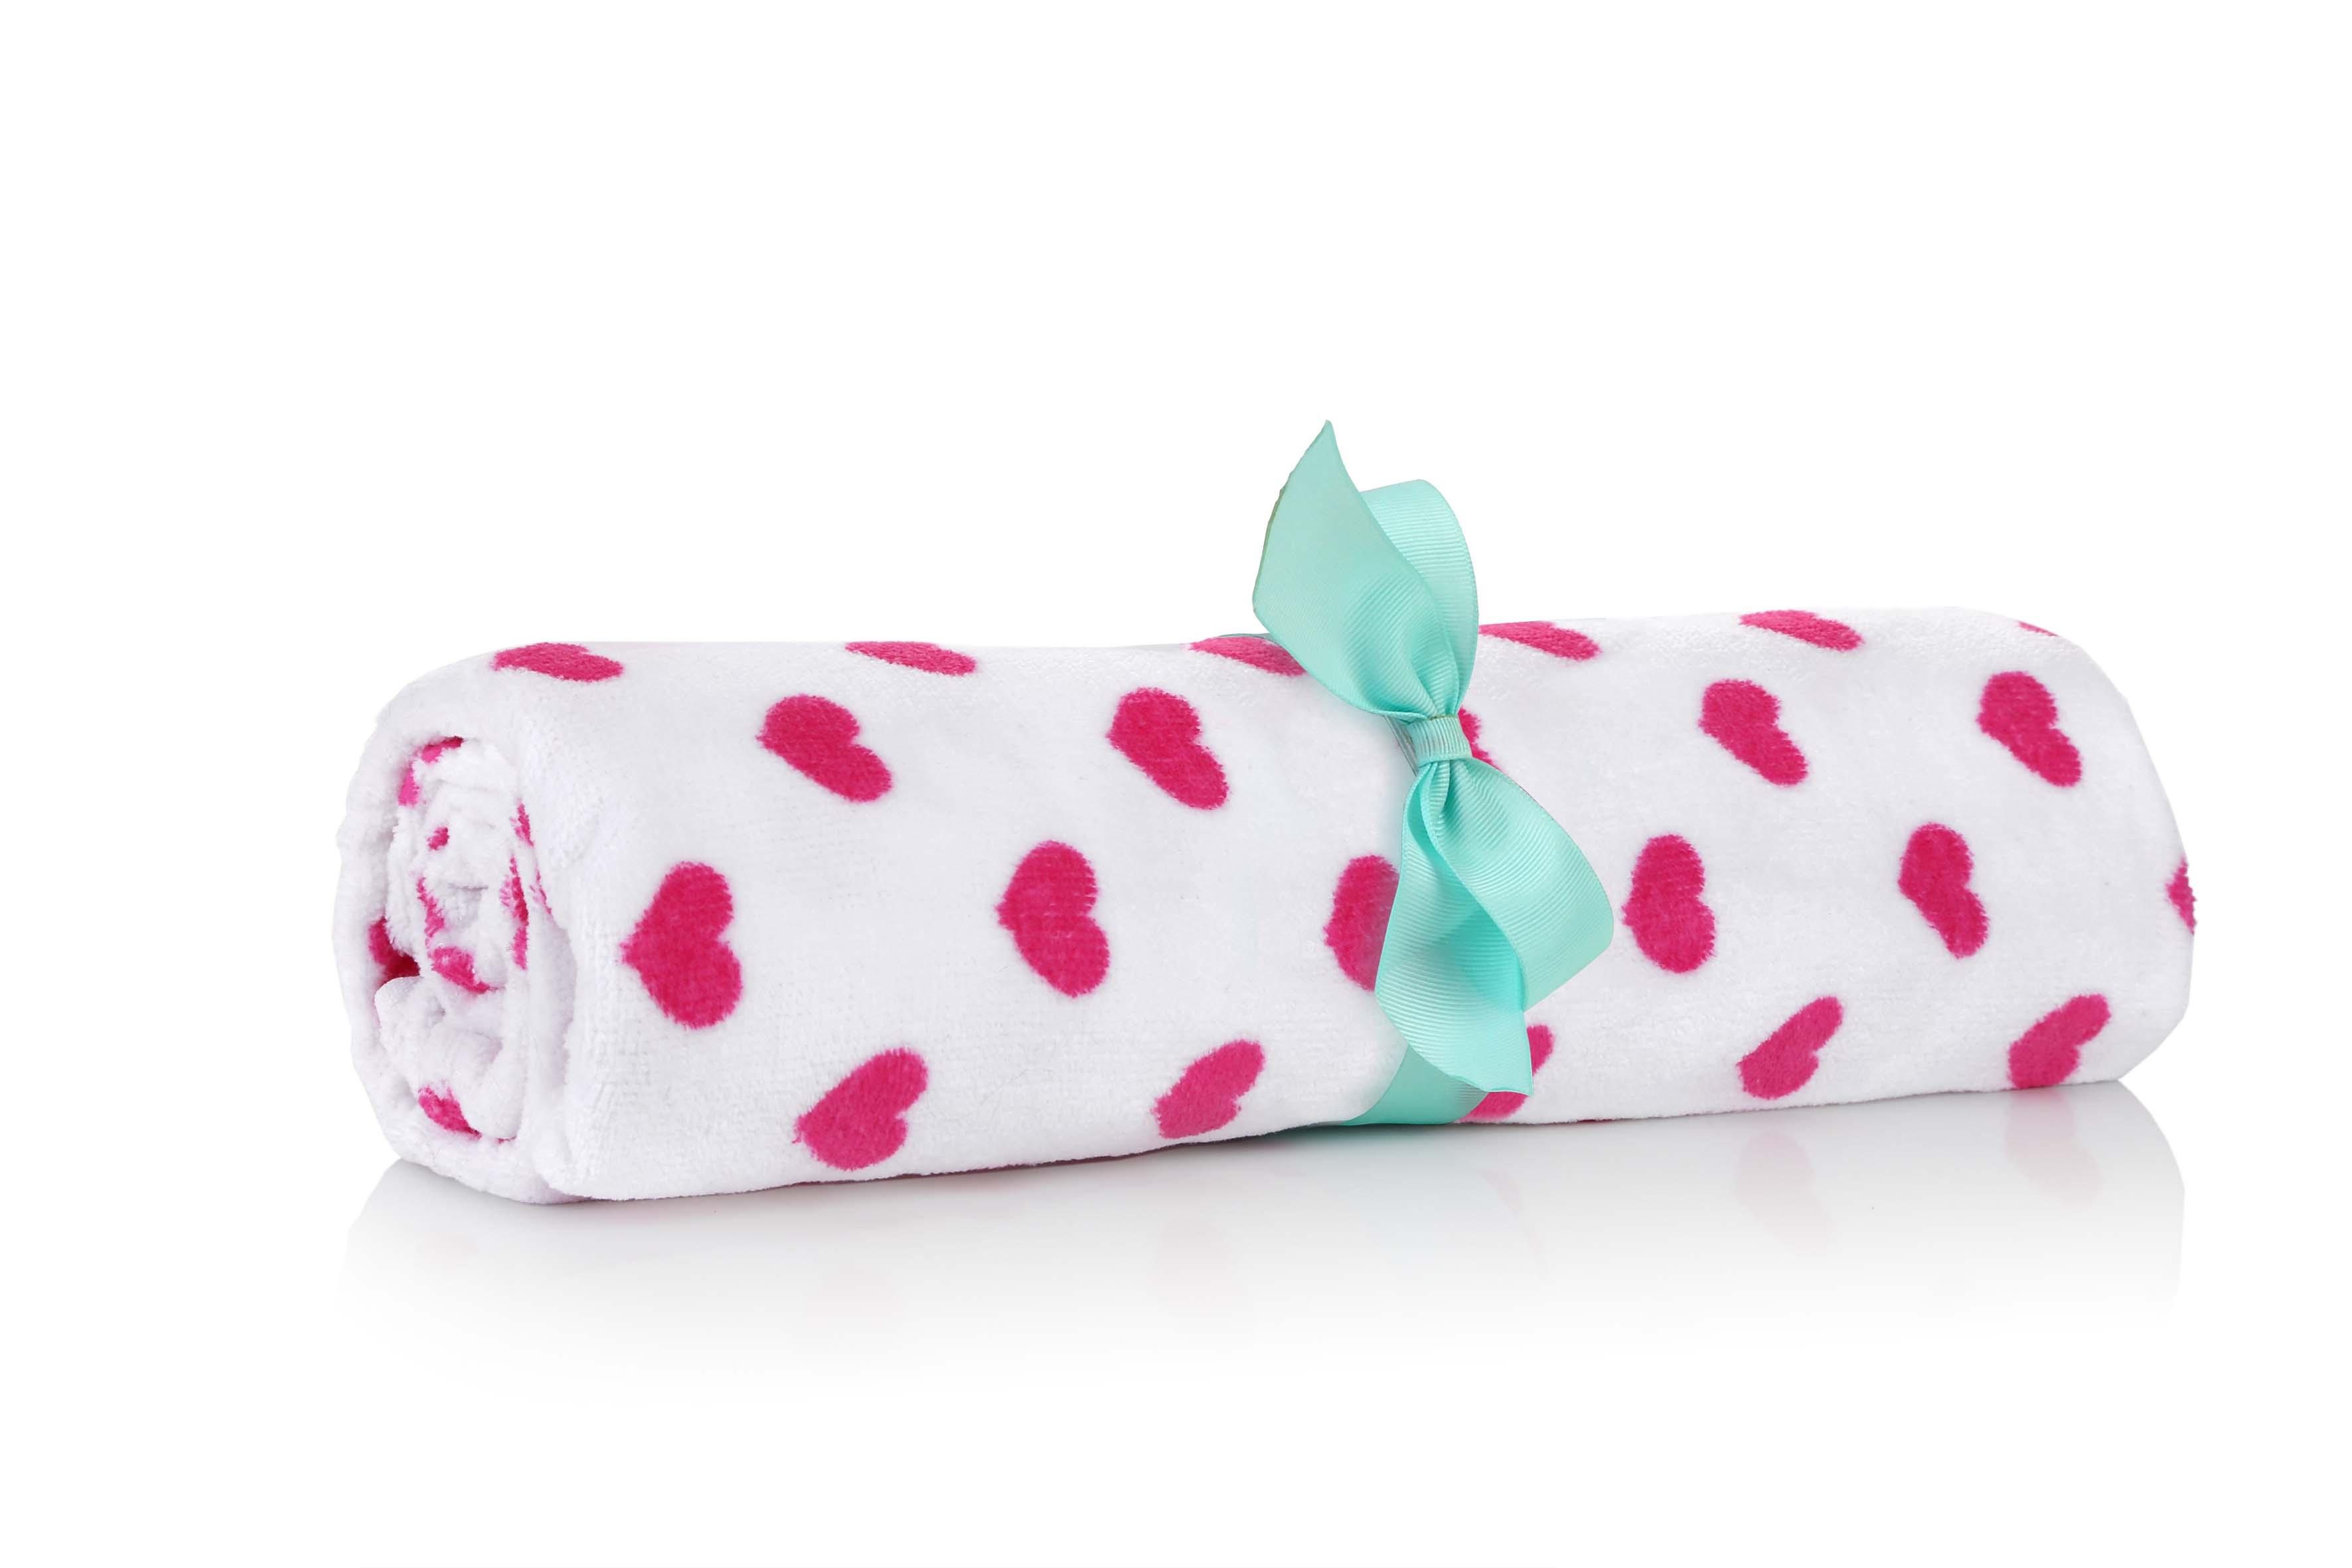 צילום מוצר - מגבת לבבות צולם עבור ללין